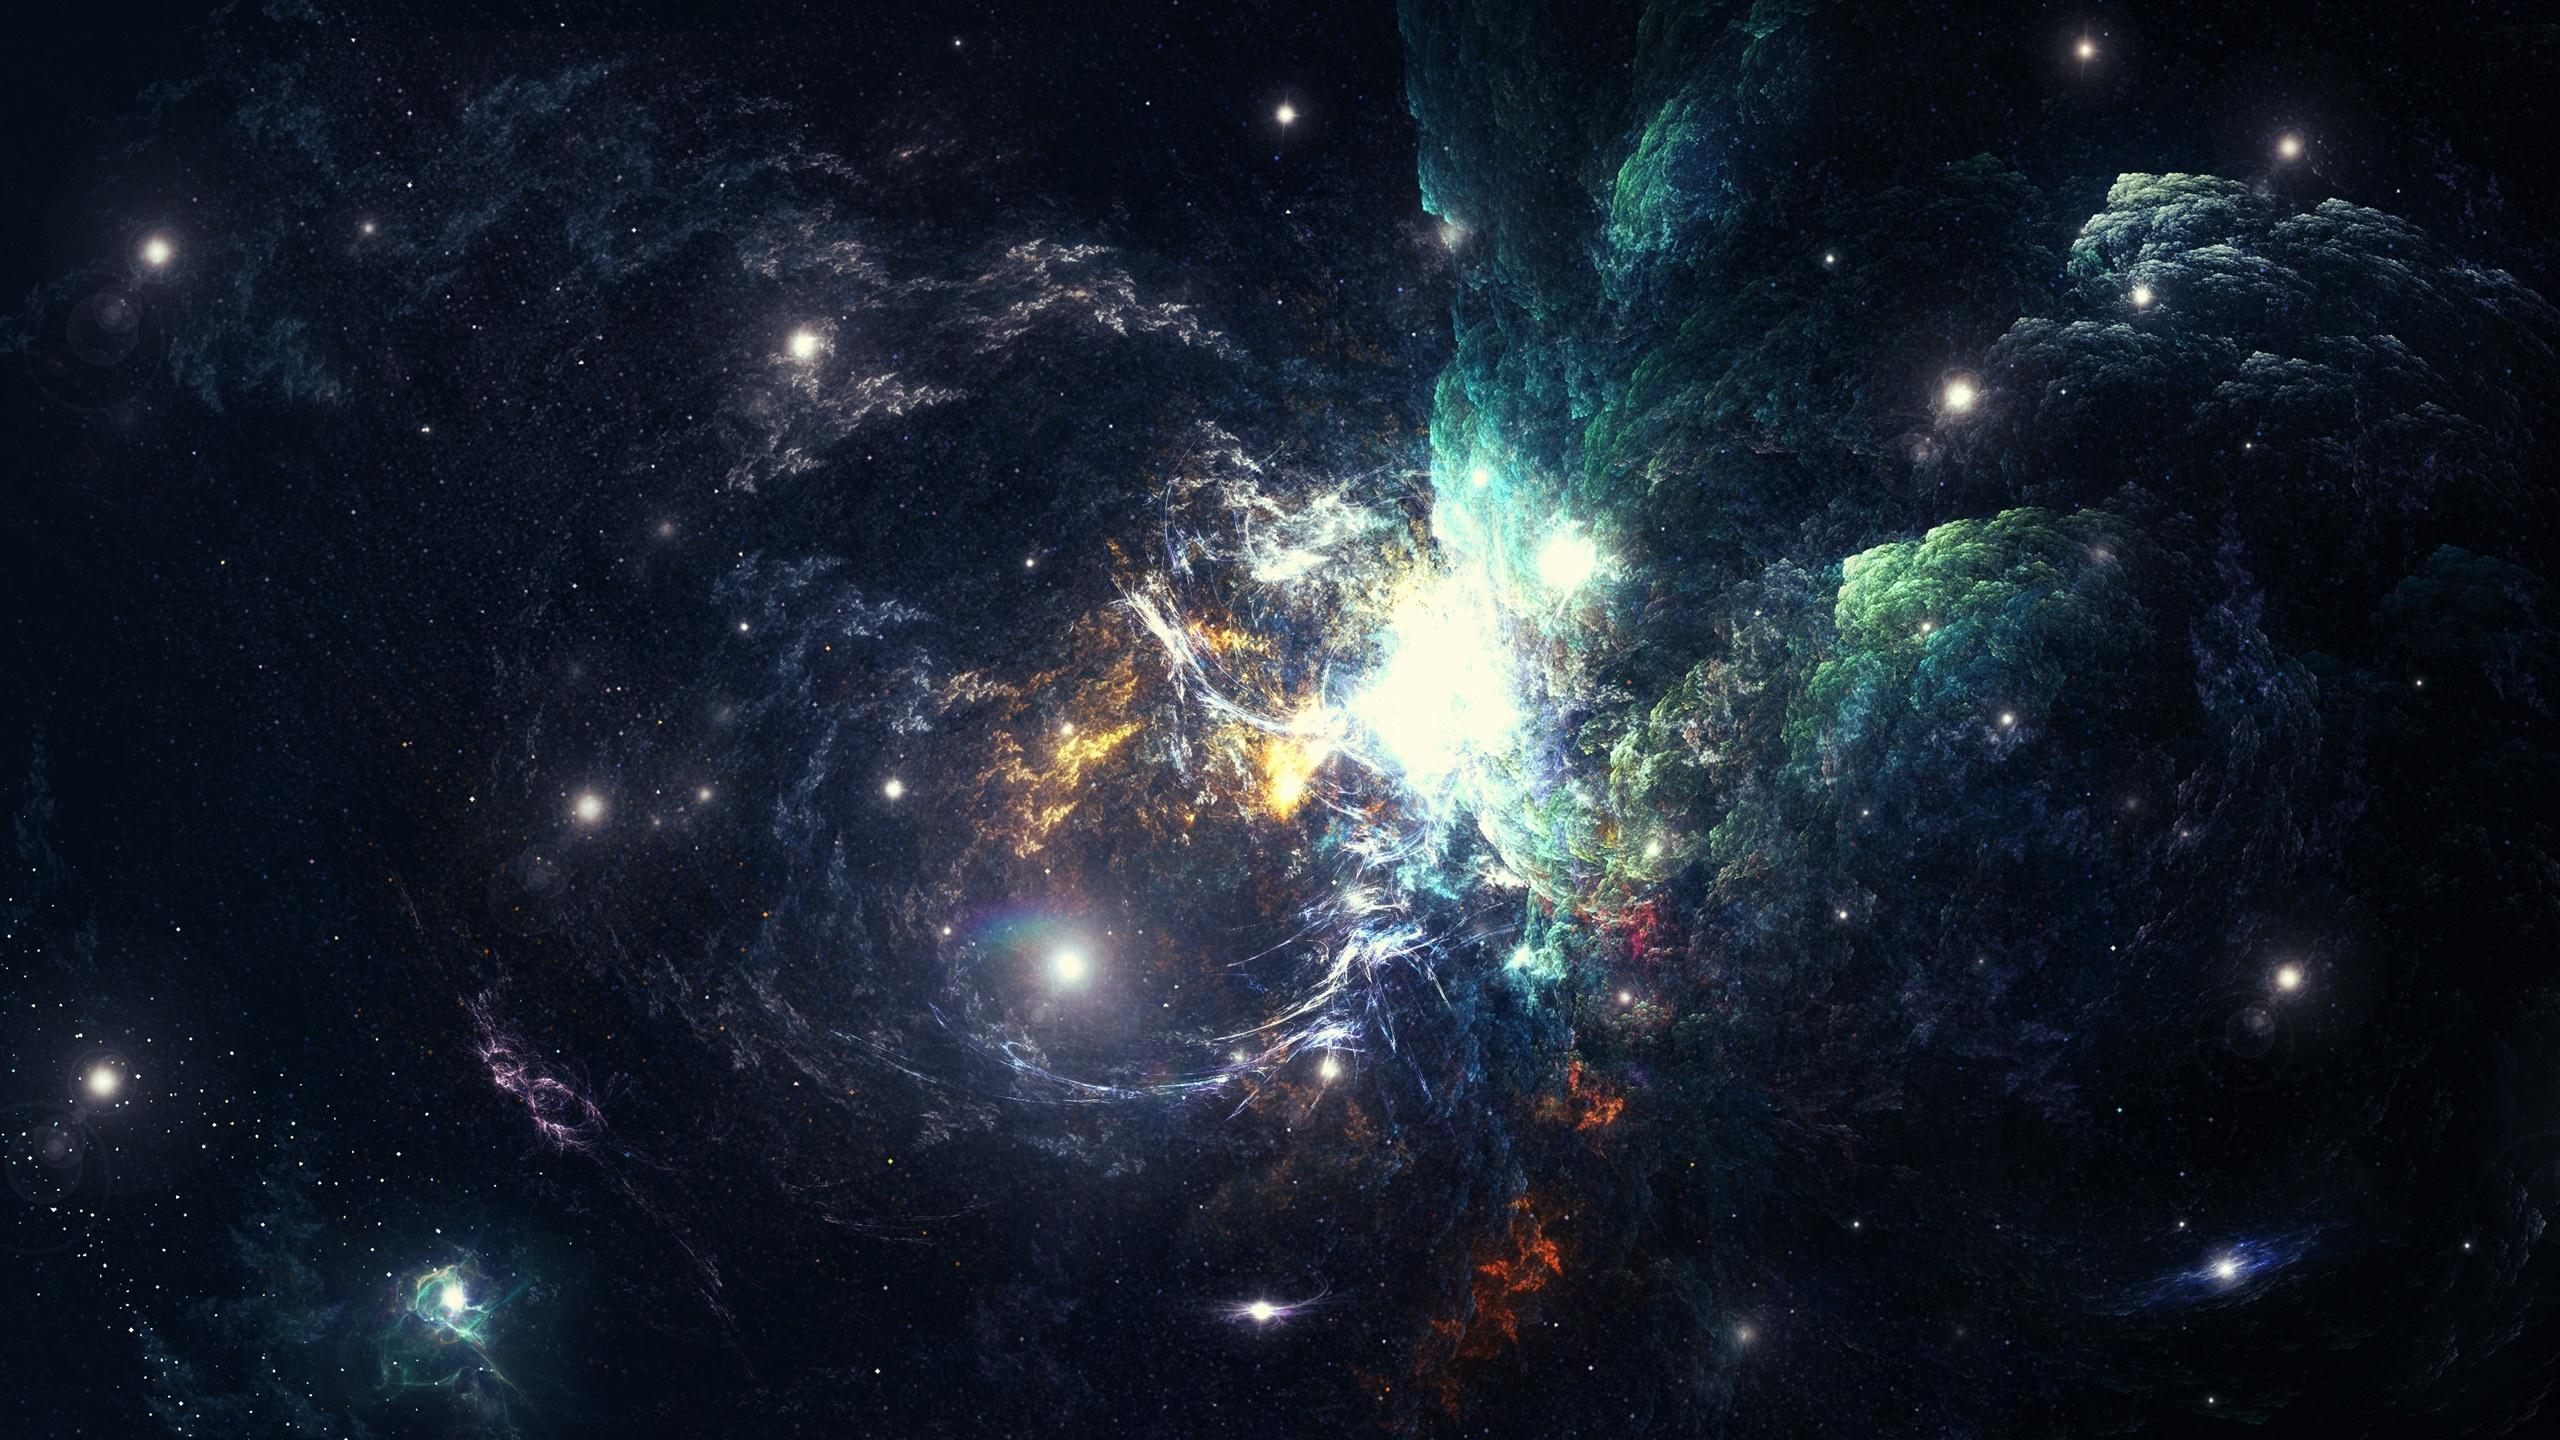 nebula 2560x1440 - photo #23